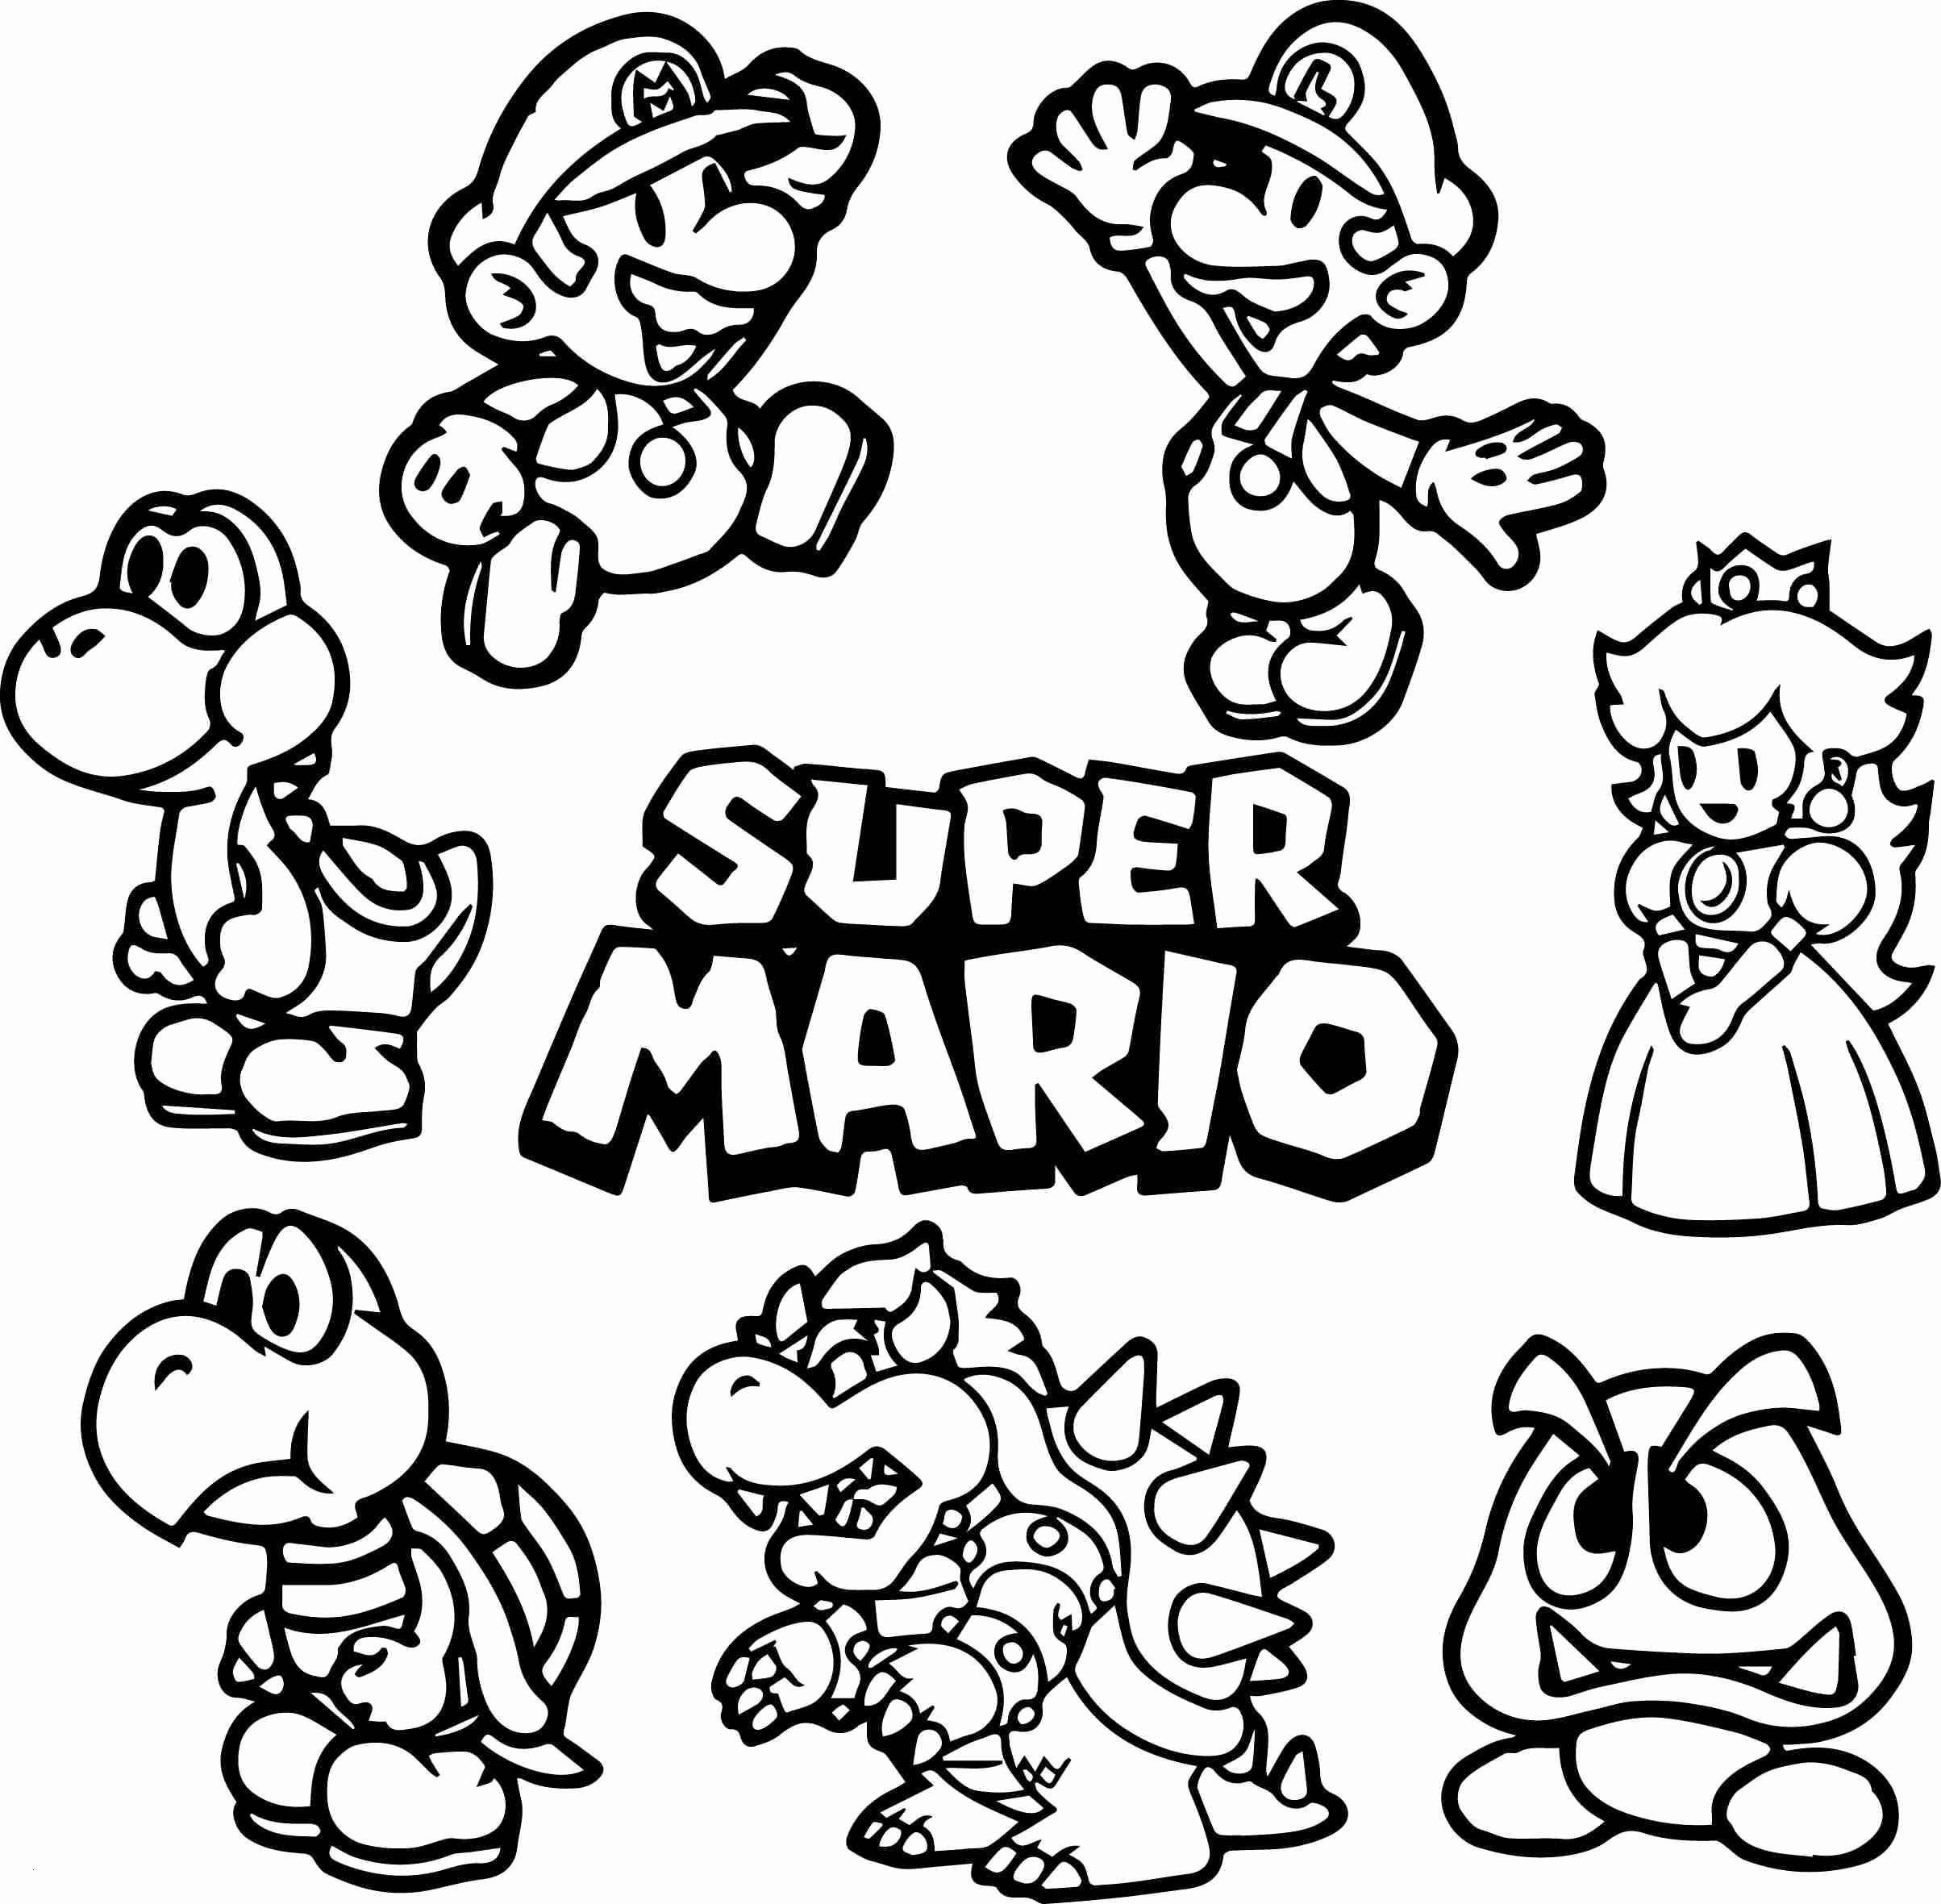 Super Mario Coloring Page Elegant Gallery 37 Super Mario Kart Ausmalbilder Scoredatscore Super Mario Coloring Pages Mario Coloring Pages Super Coloring Pages